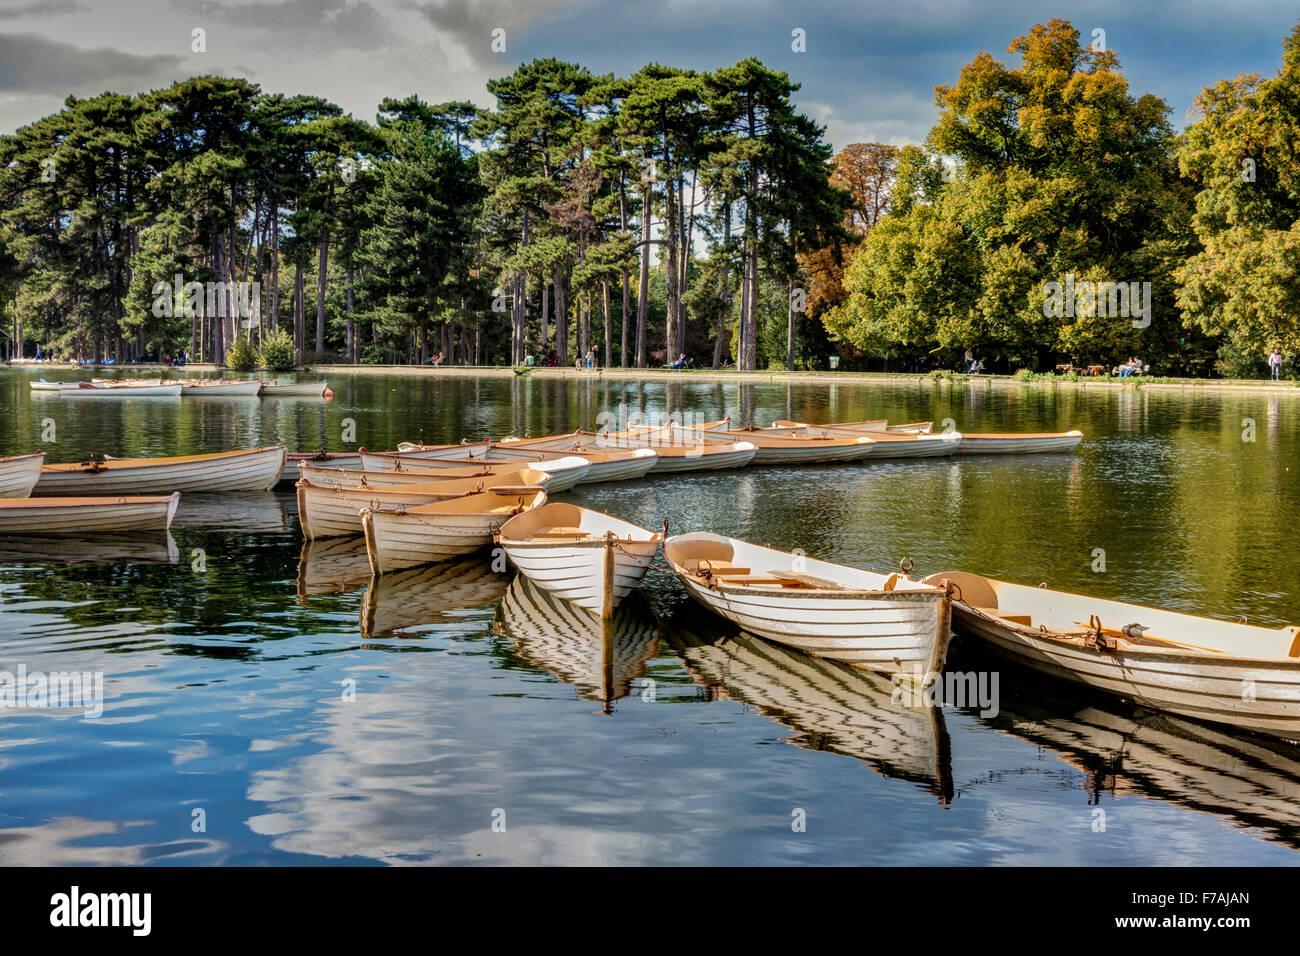 Bois de Boulogne Paris France - Stock Image